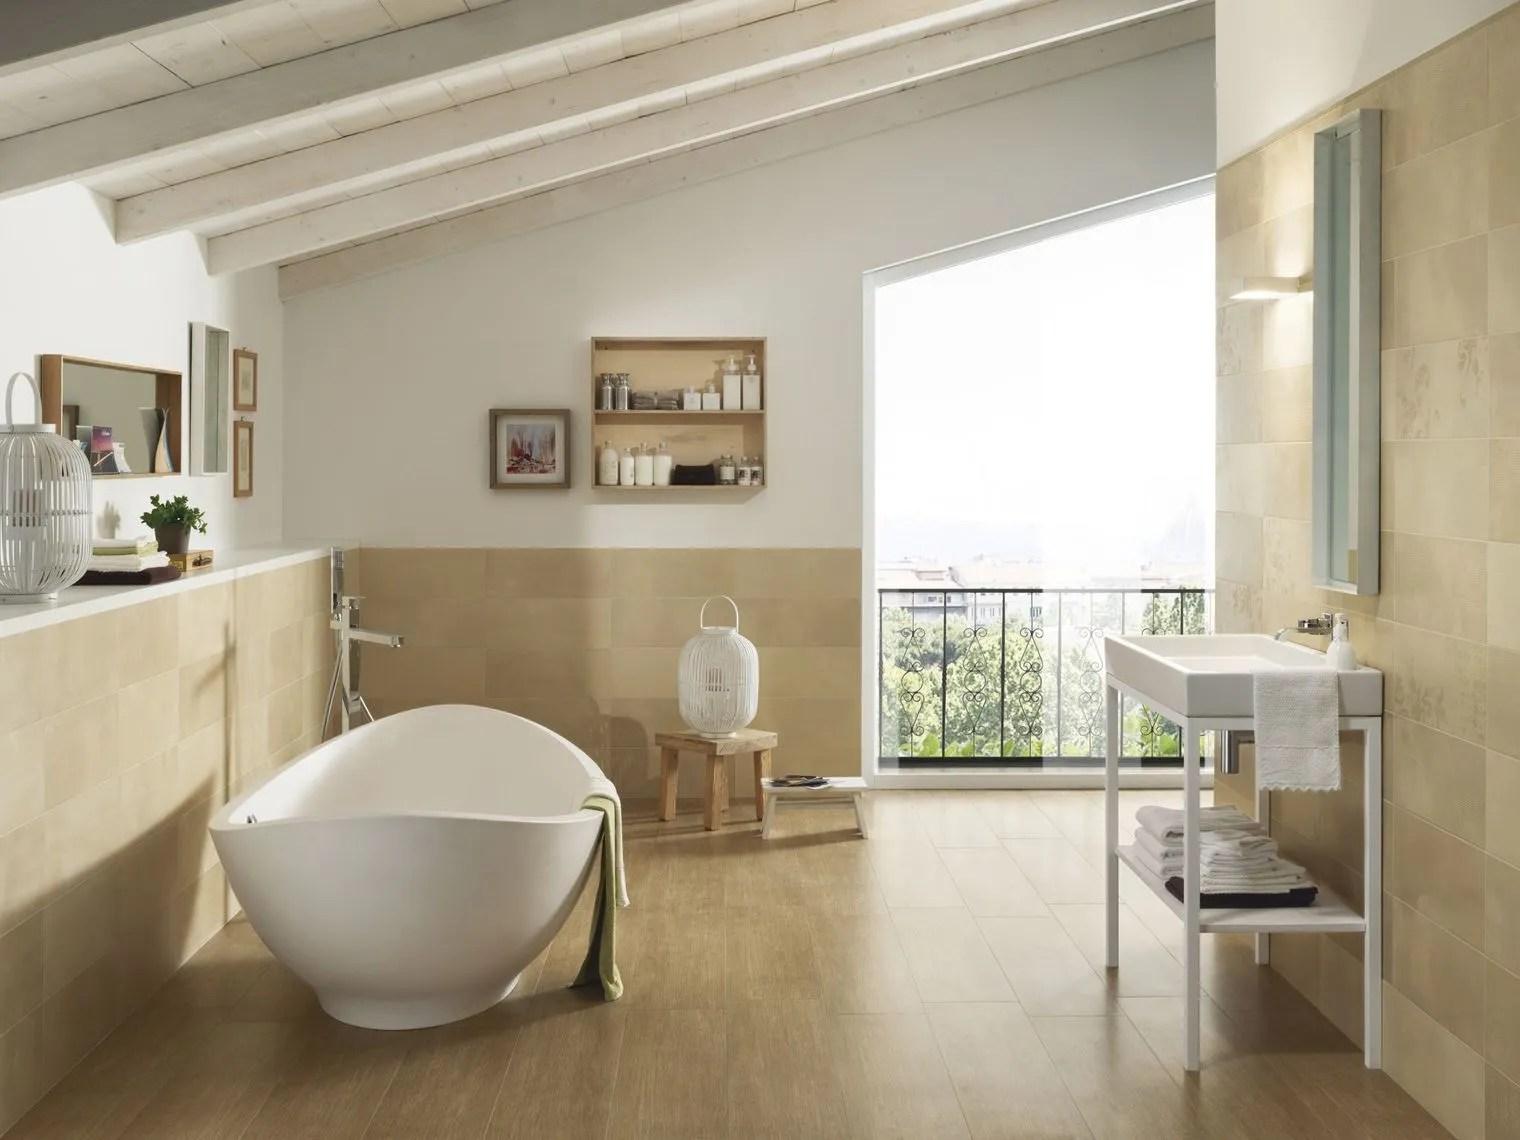 Recouvrir Frise Carrelage Salle De Bain maison carrelage mural salle de bain pour decor salle de